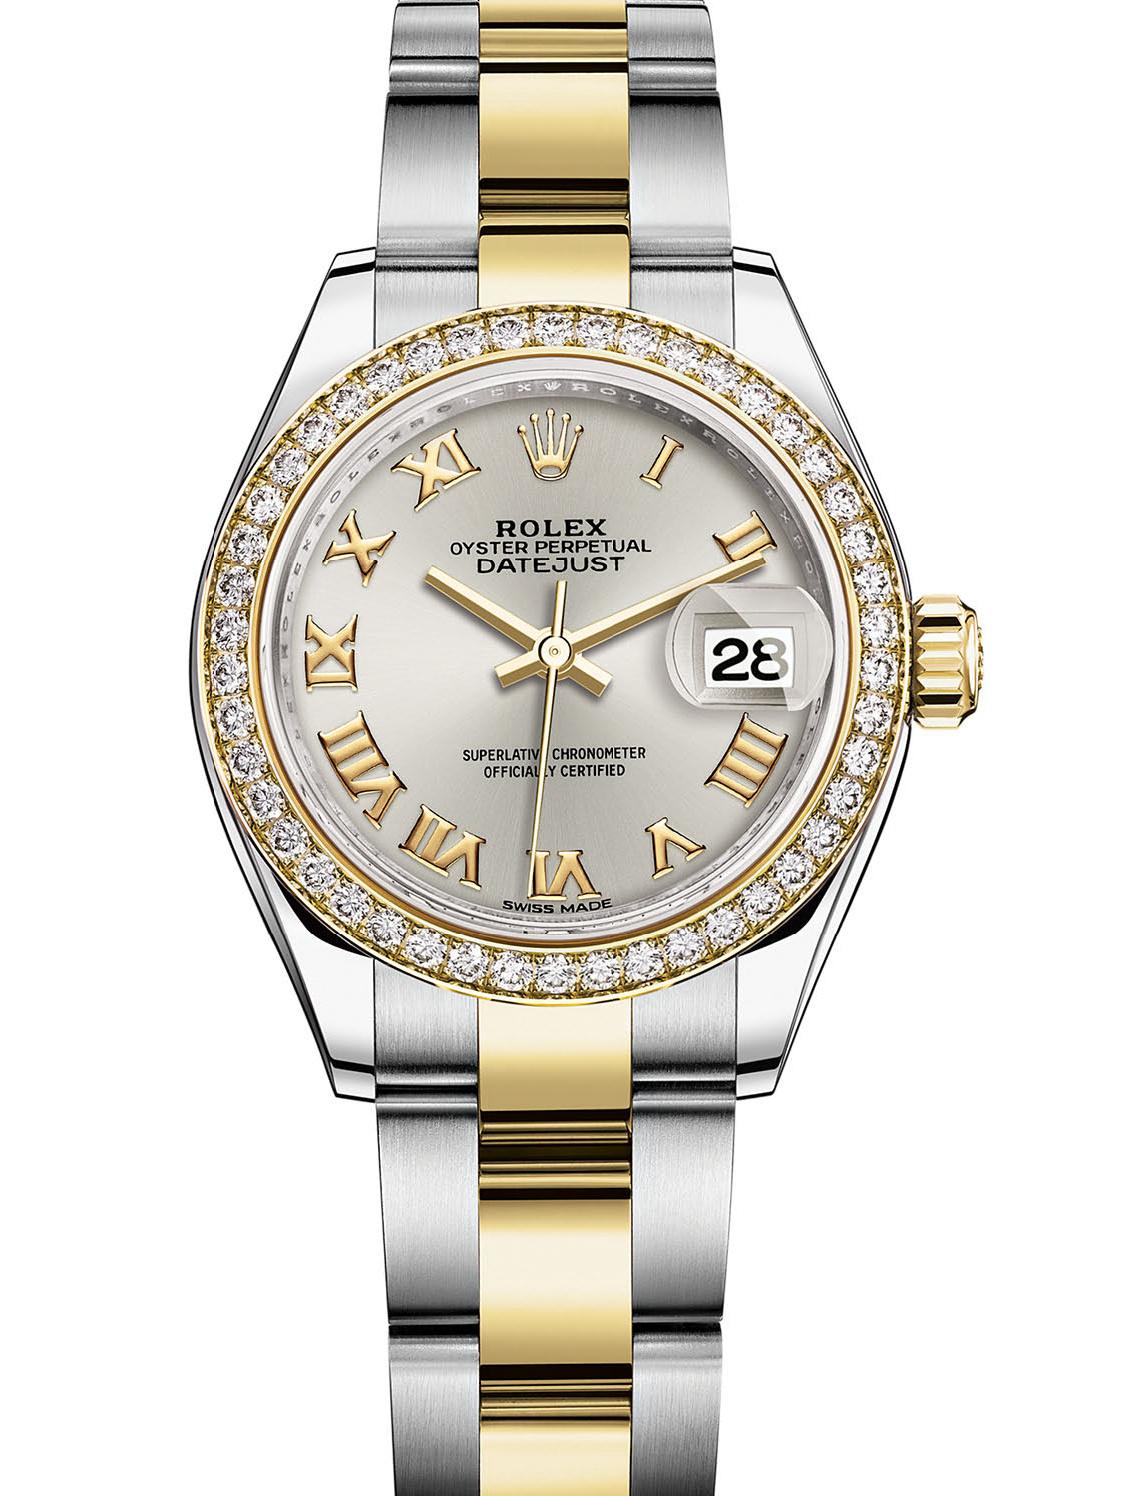 劳力士女装日志型28黄金钢钻圈银面罗马字女表279383RBR-0006